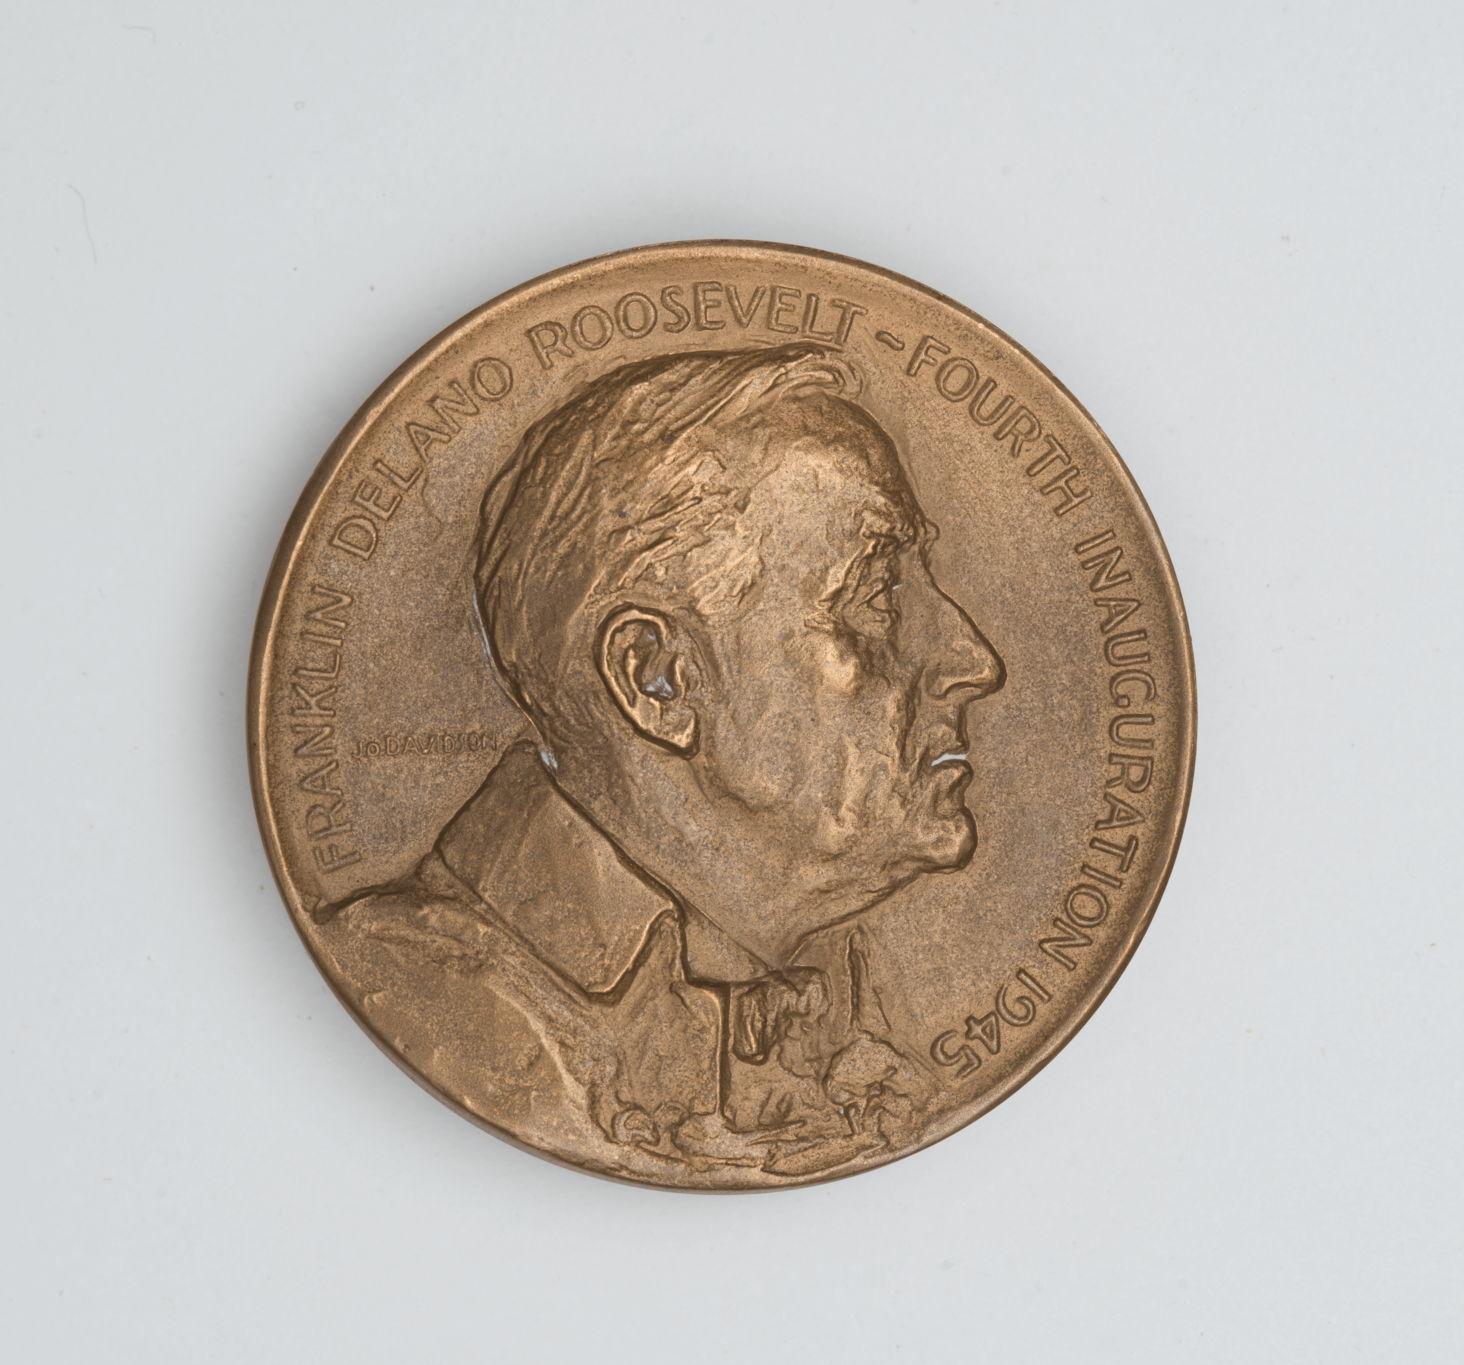 Памятная медаль, посвященная 4-й инаугурации президента Франклина Рузвельта. США. 1945 г. Бронза